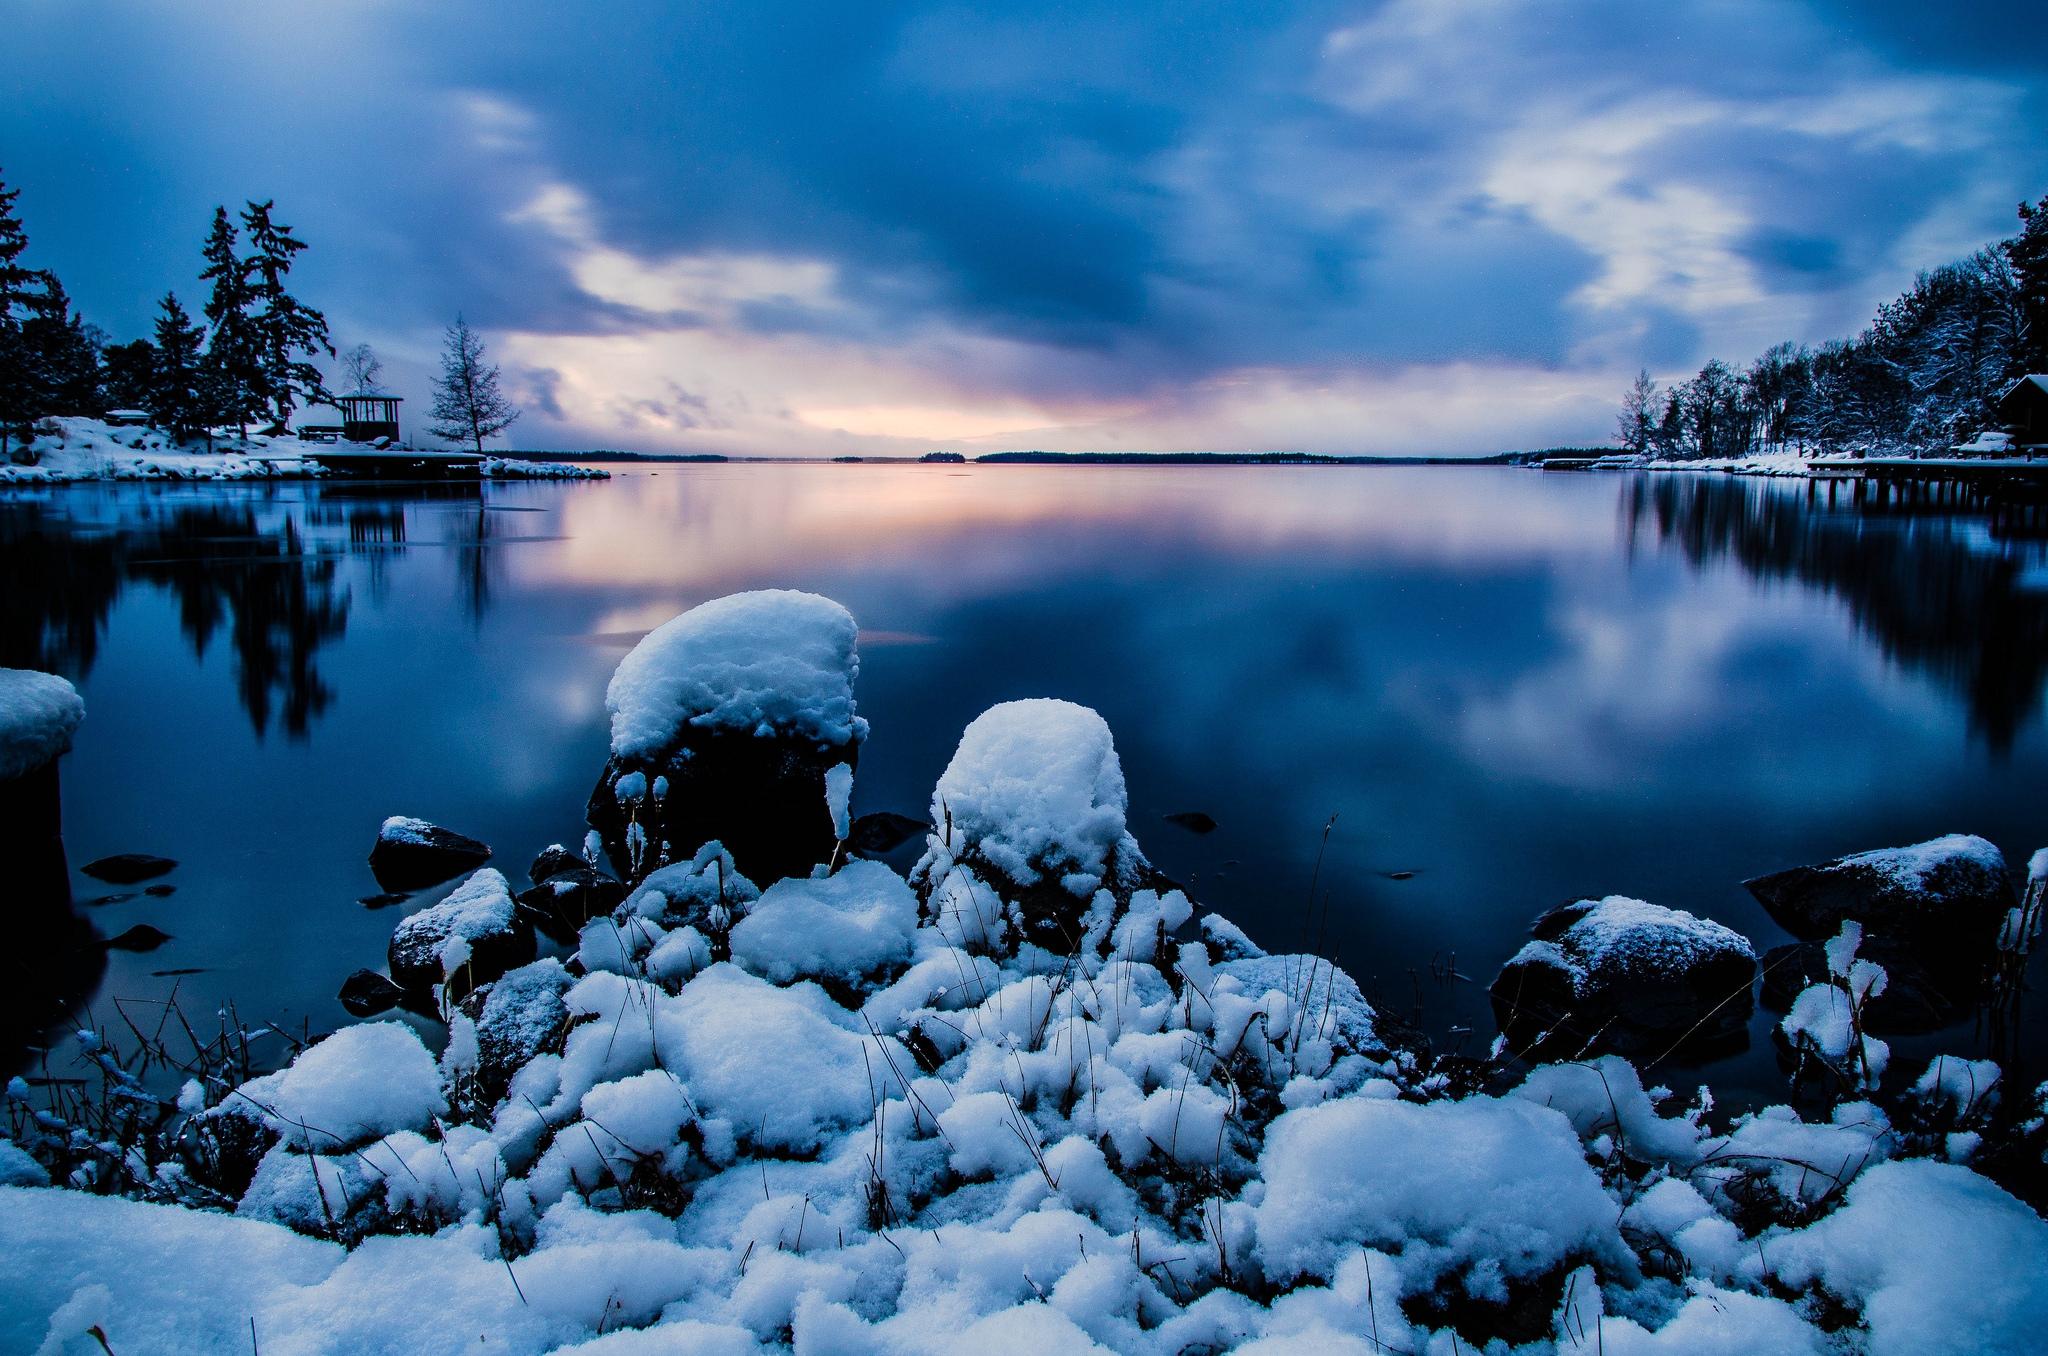 66108 fond d'écran 720x1520 sur votre téléphone gratuitement, téléchargez des images Nature, Eau, Noyaux, Sky, Soir, Stockholm 720x1520 sur votre mobile